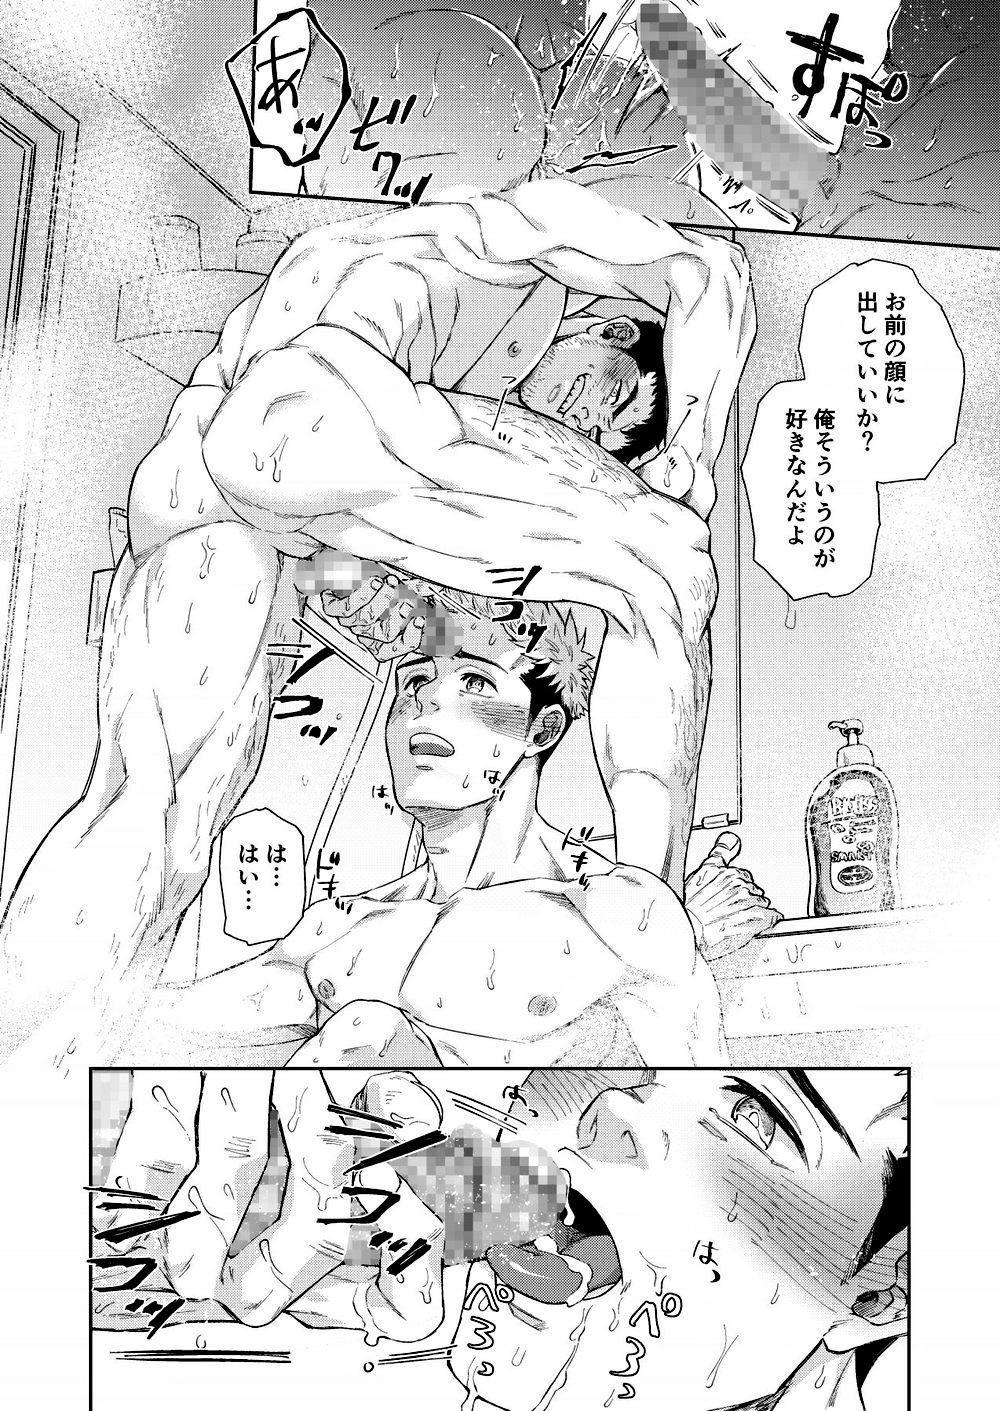 Kamishimo o nuide hitotsu bureikō 30